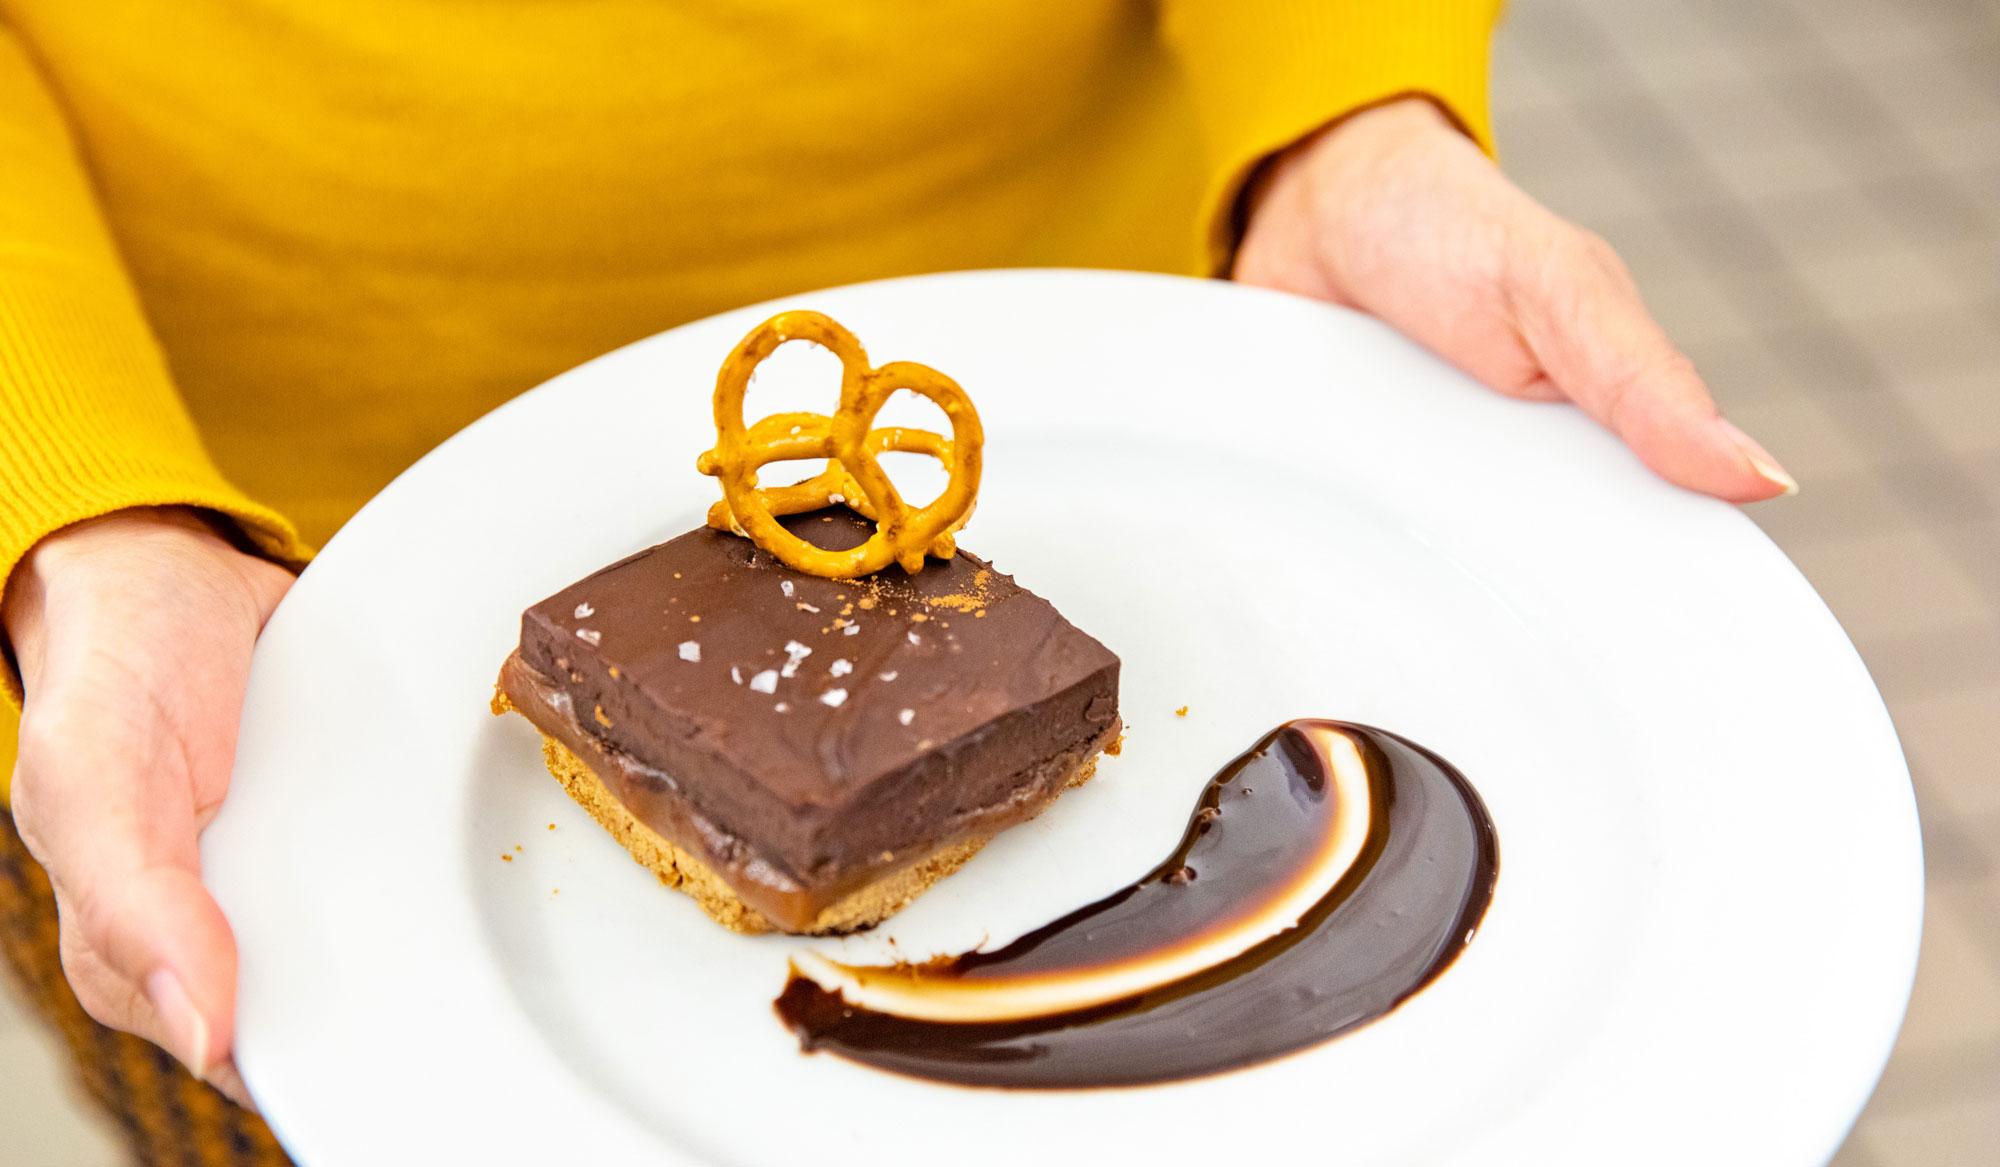 Photo of a tart